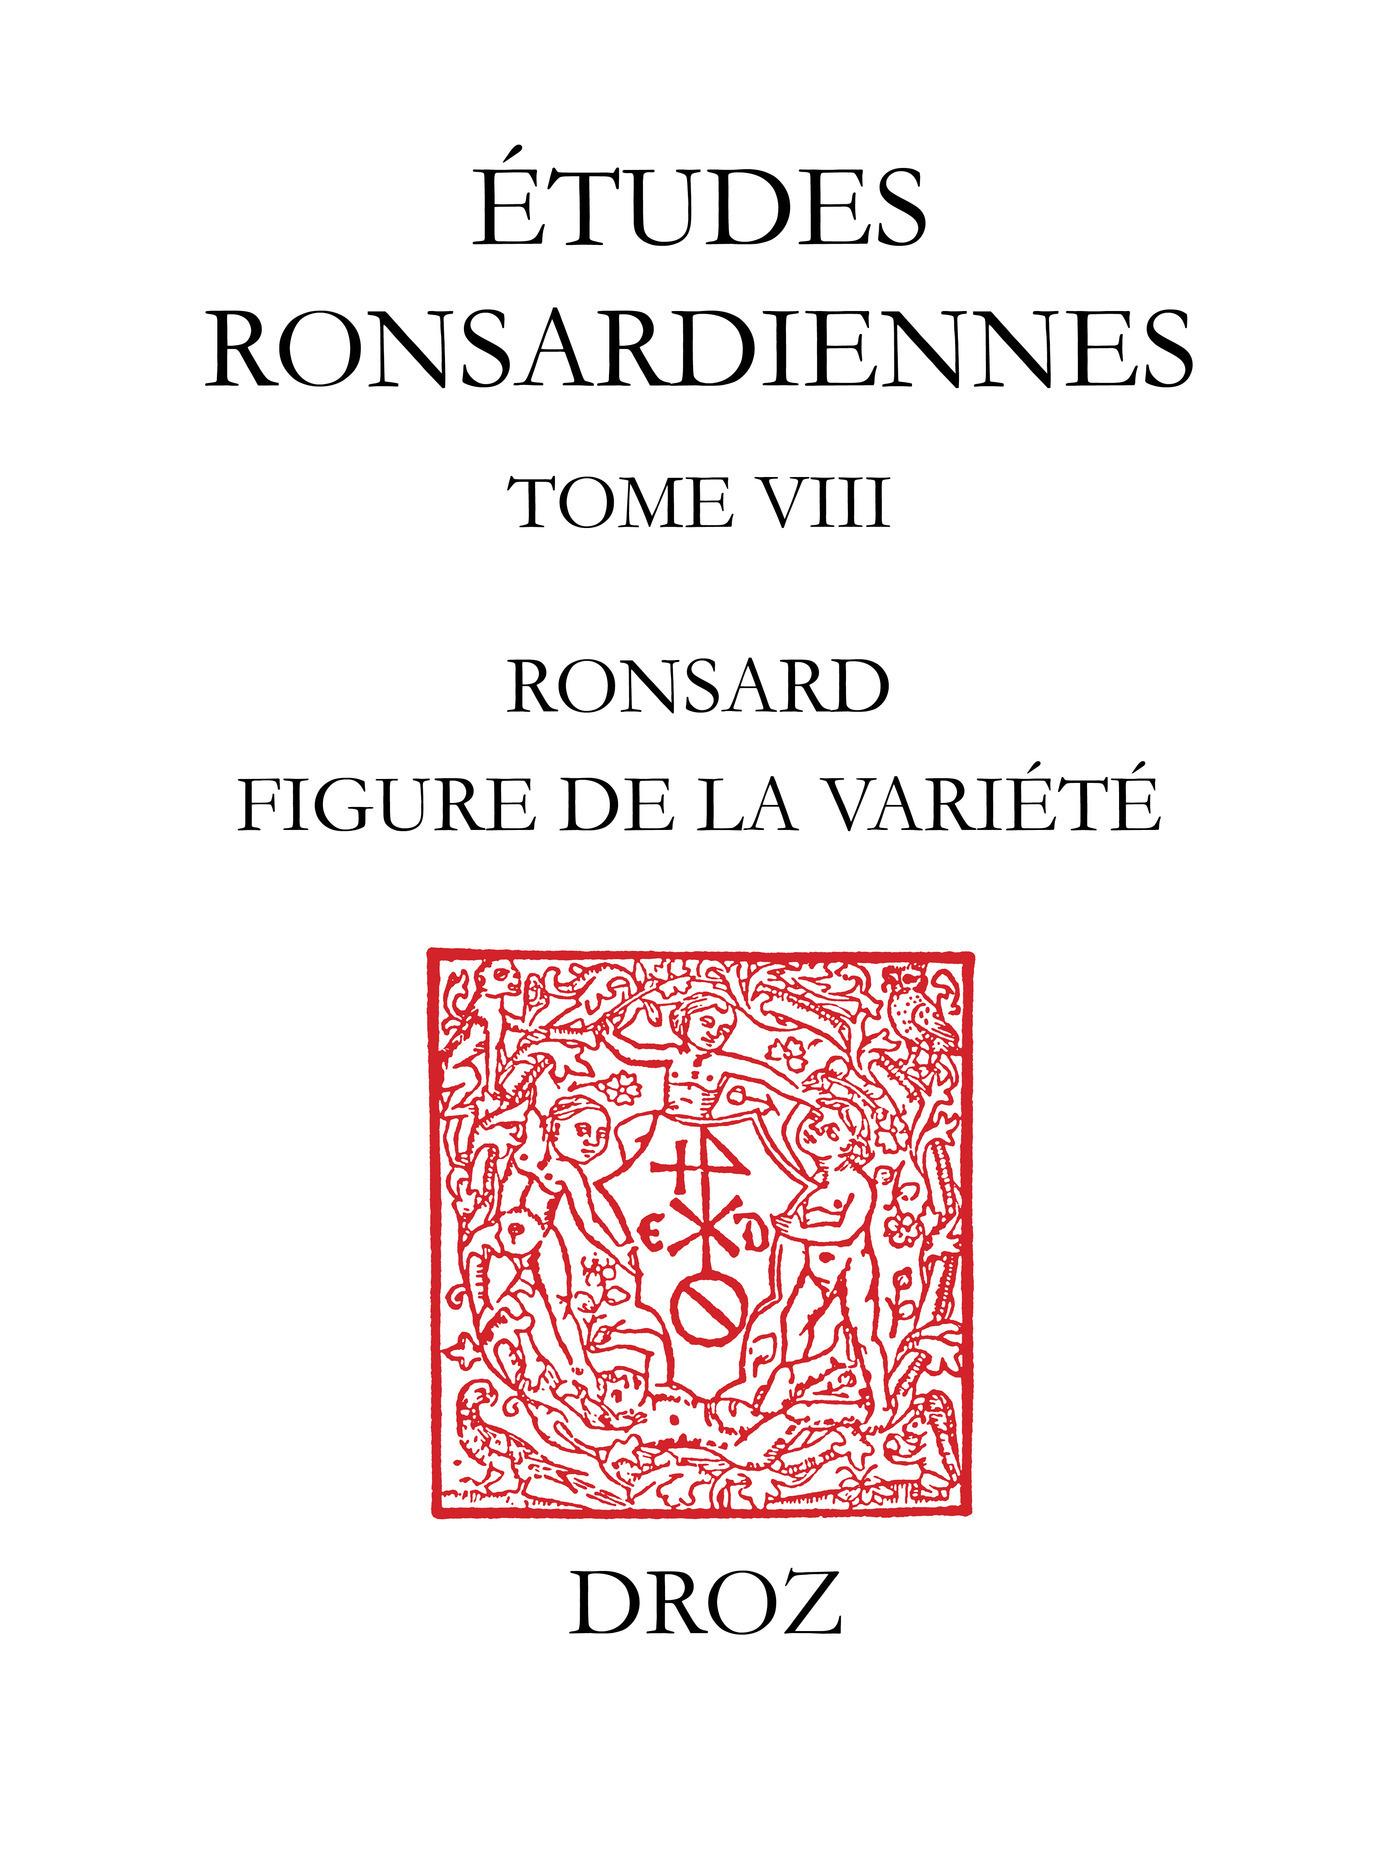 Ronsard, figure de la variété  - Gérard Defaux  - Rémy Campos  - J.-Cl. Carron  - Philip  - Yvonne Bellenger  - S. Davidson  - Max Engammare  - Hervé-Thomas Campangne